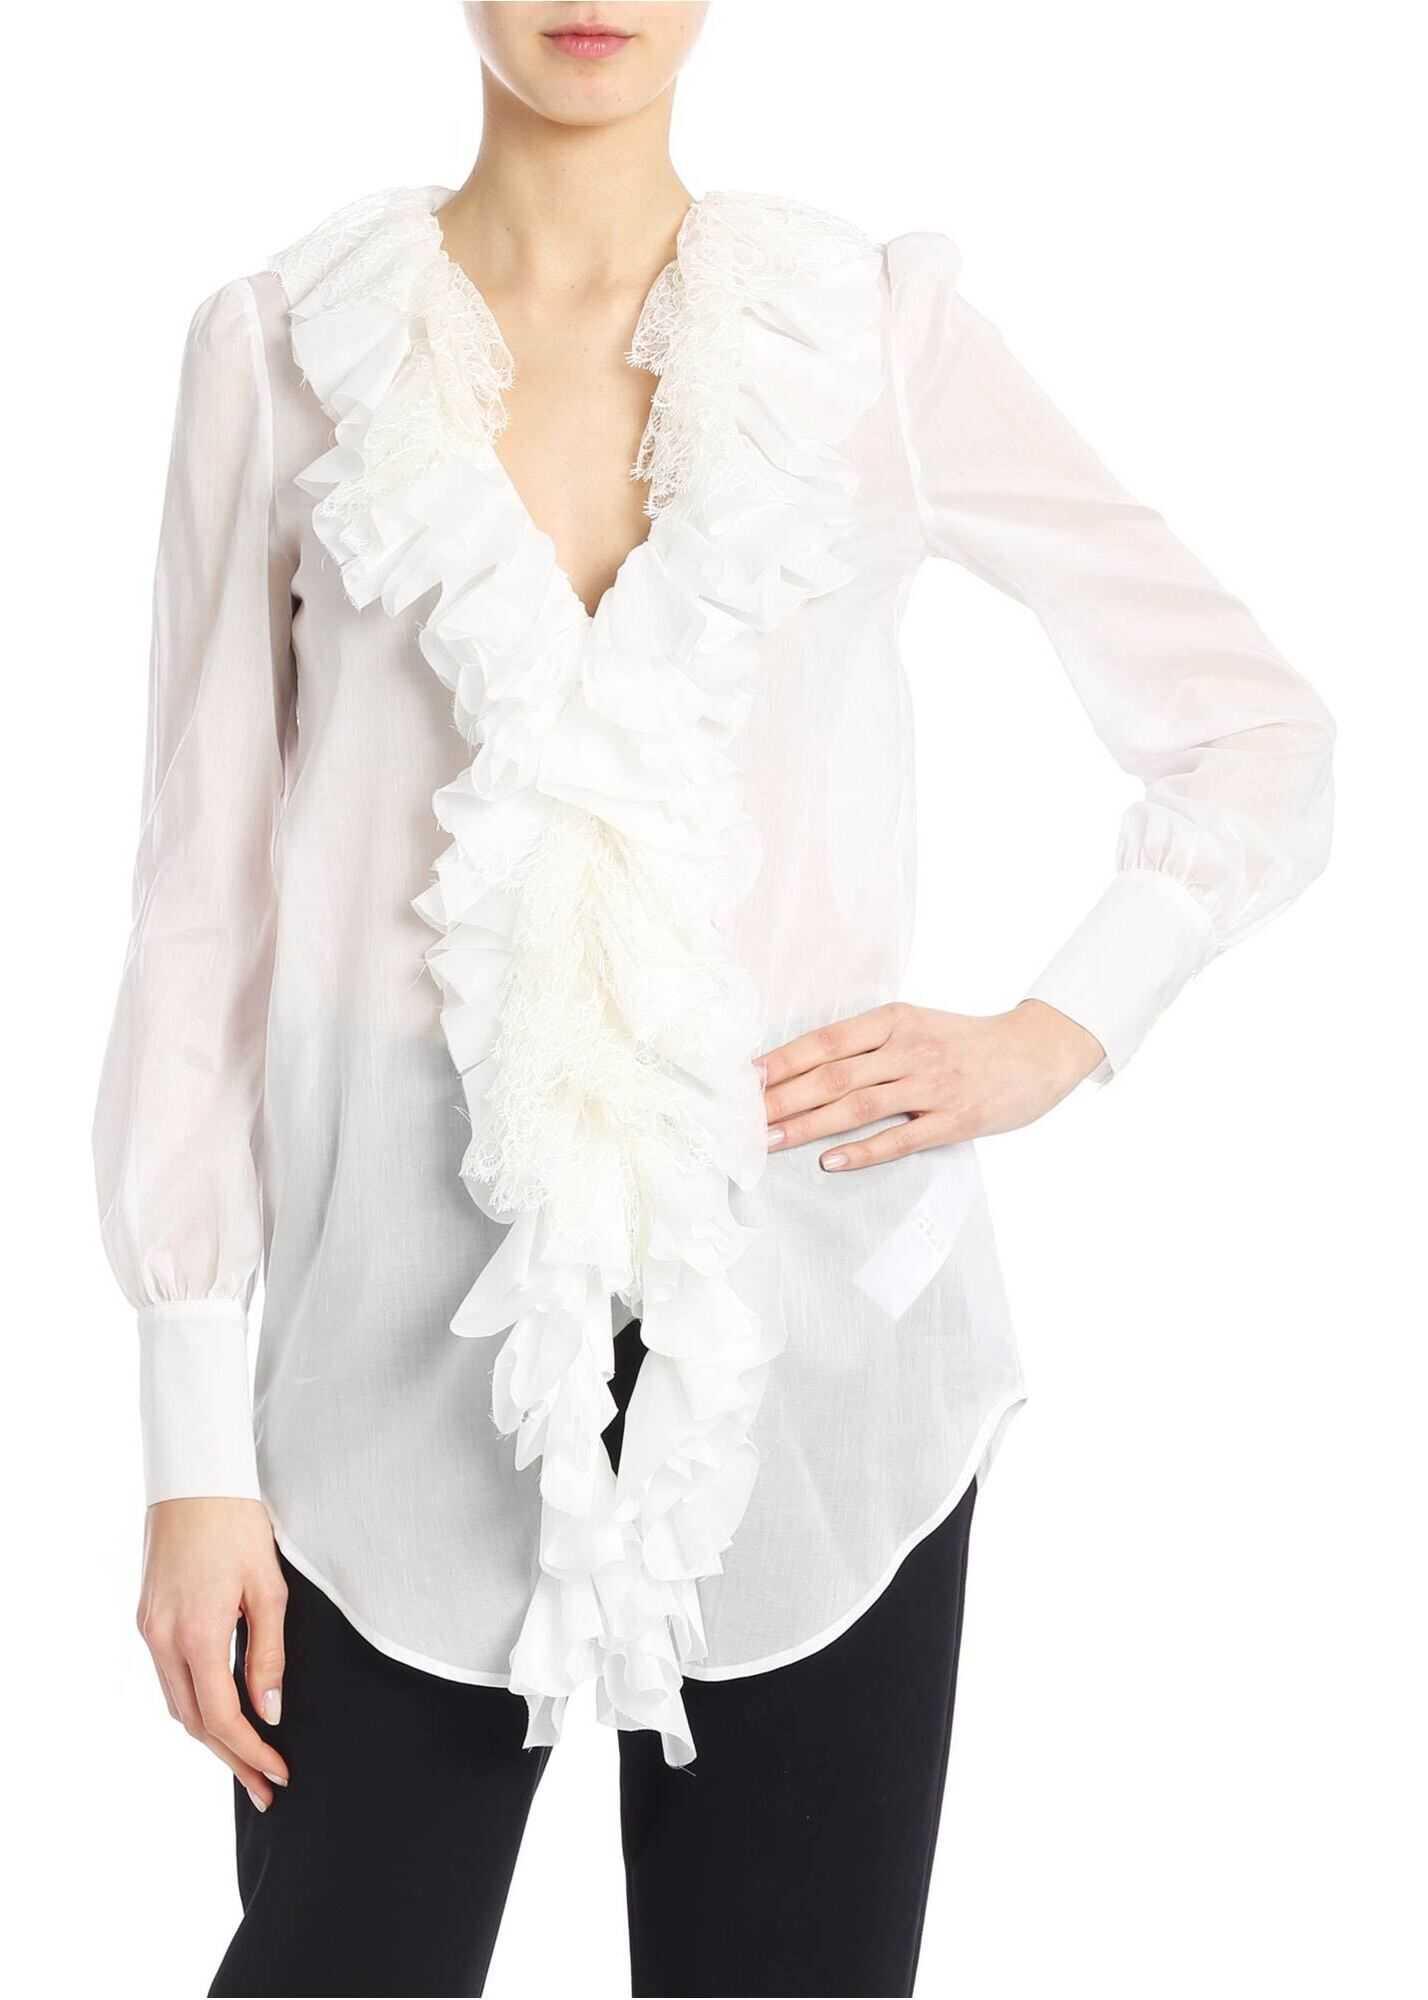 Blumarine Ruffles And Lace Shirt In White White